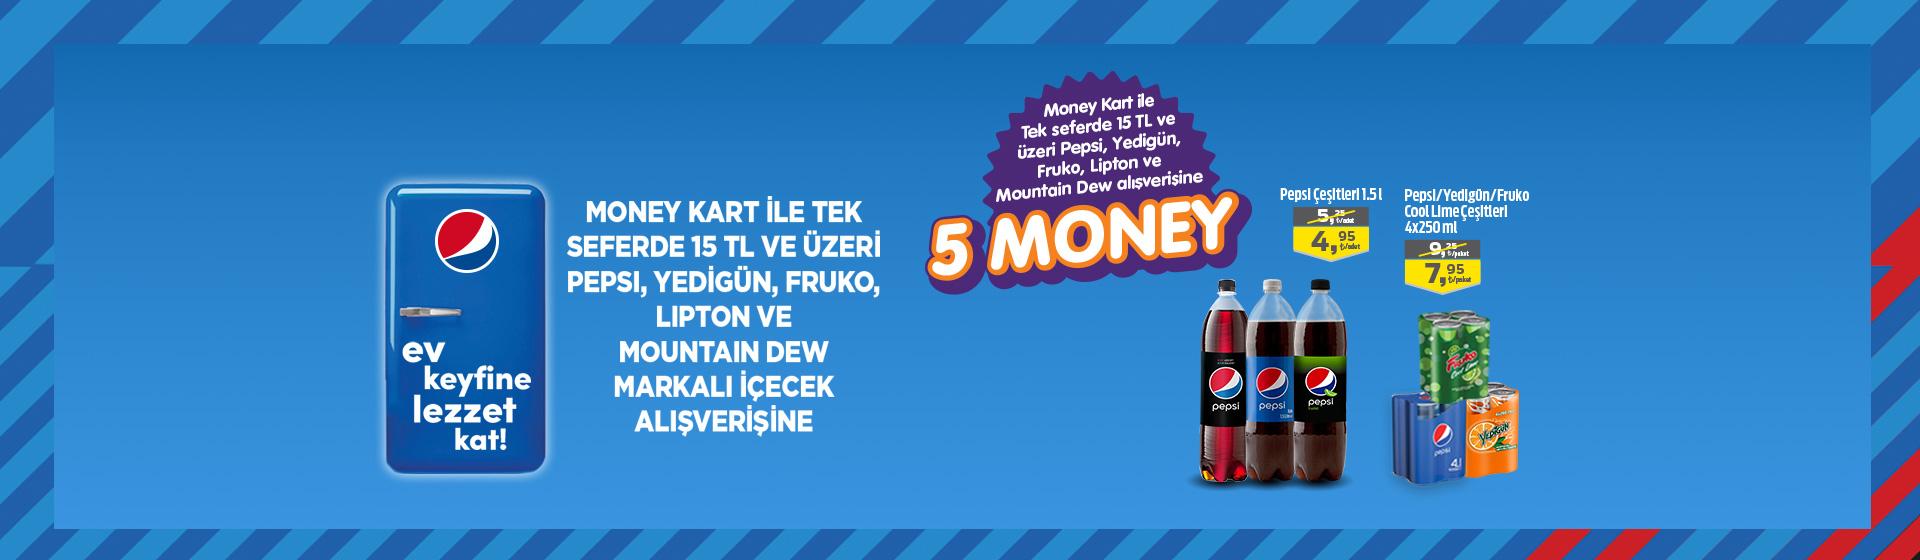 Pepsico Money Kampanyası